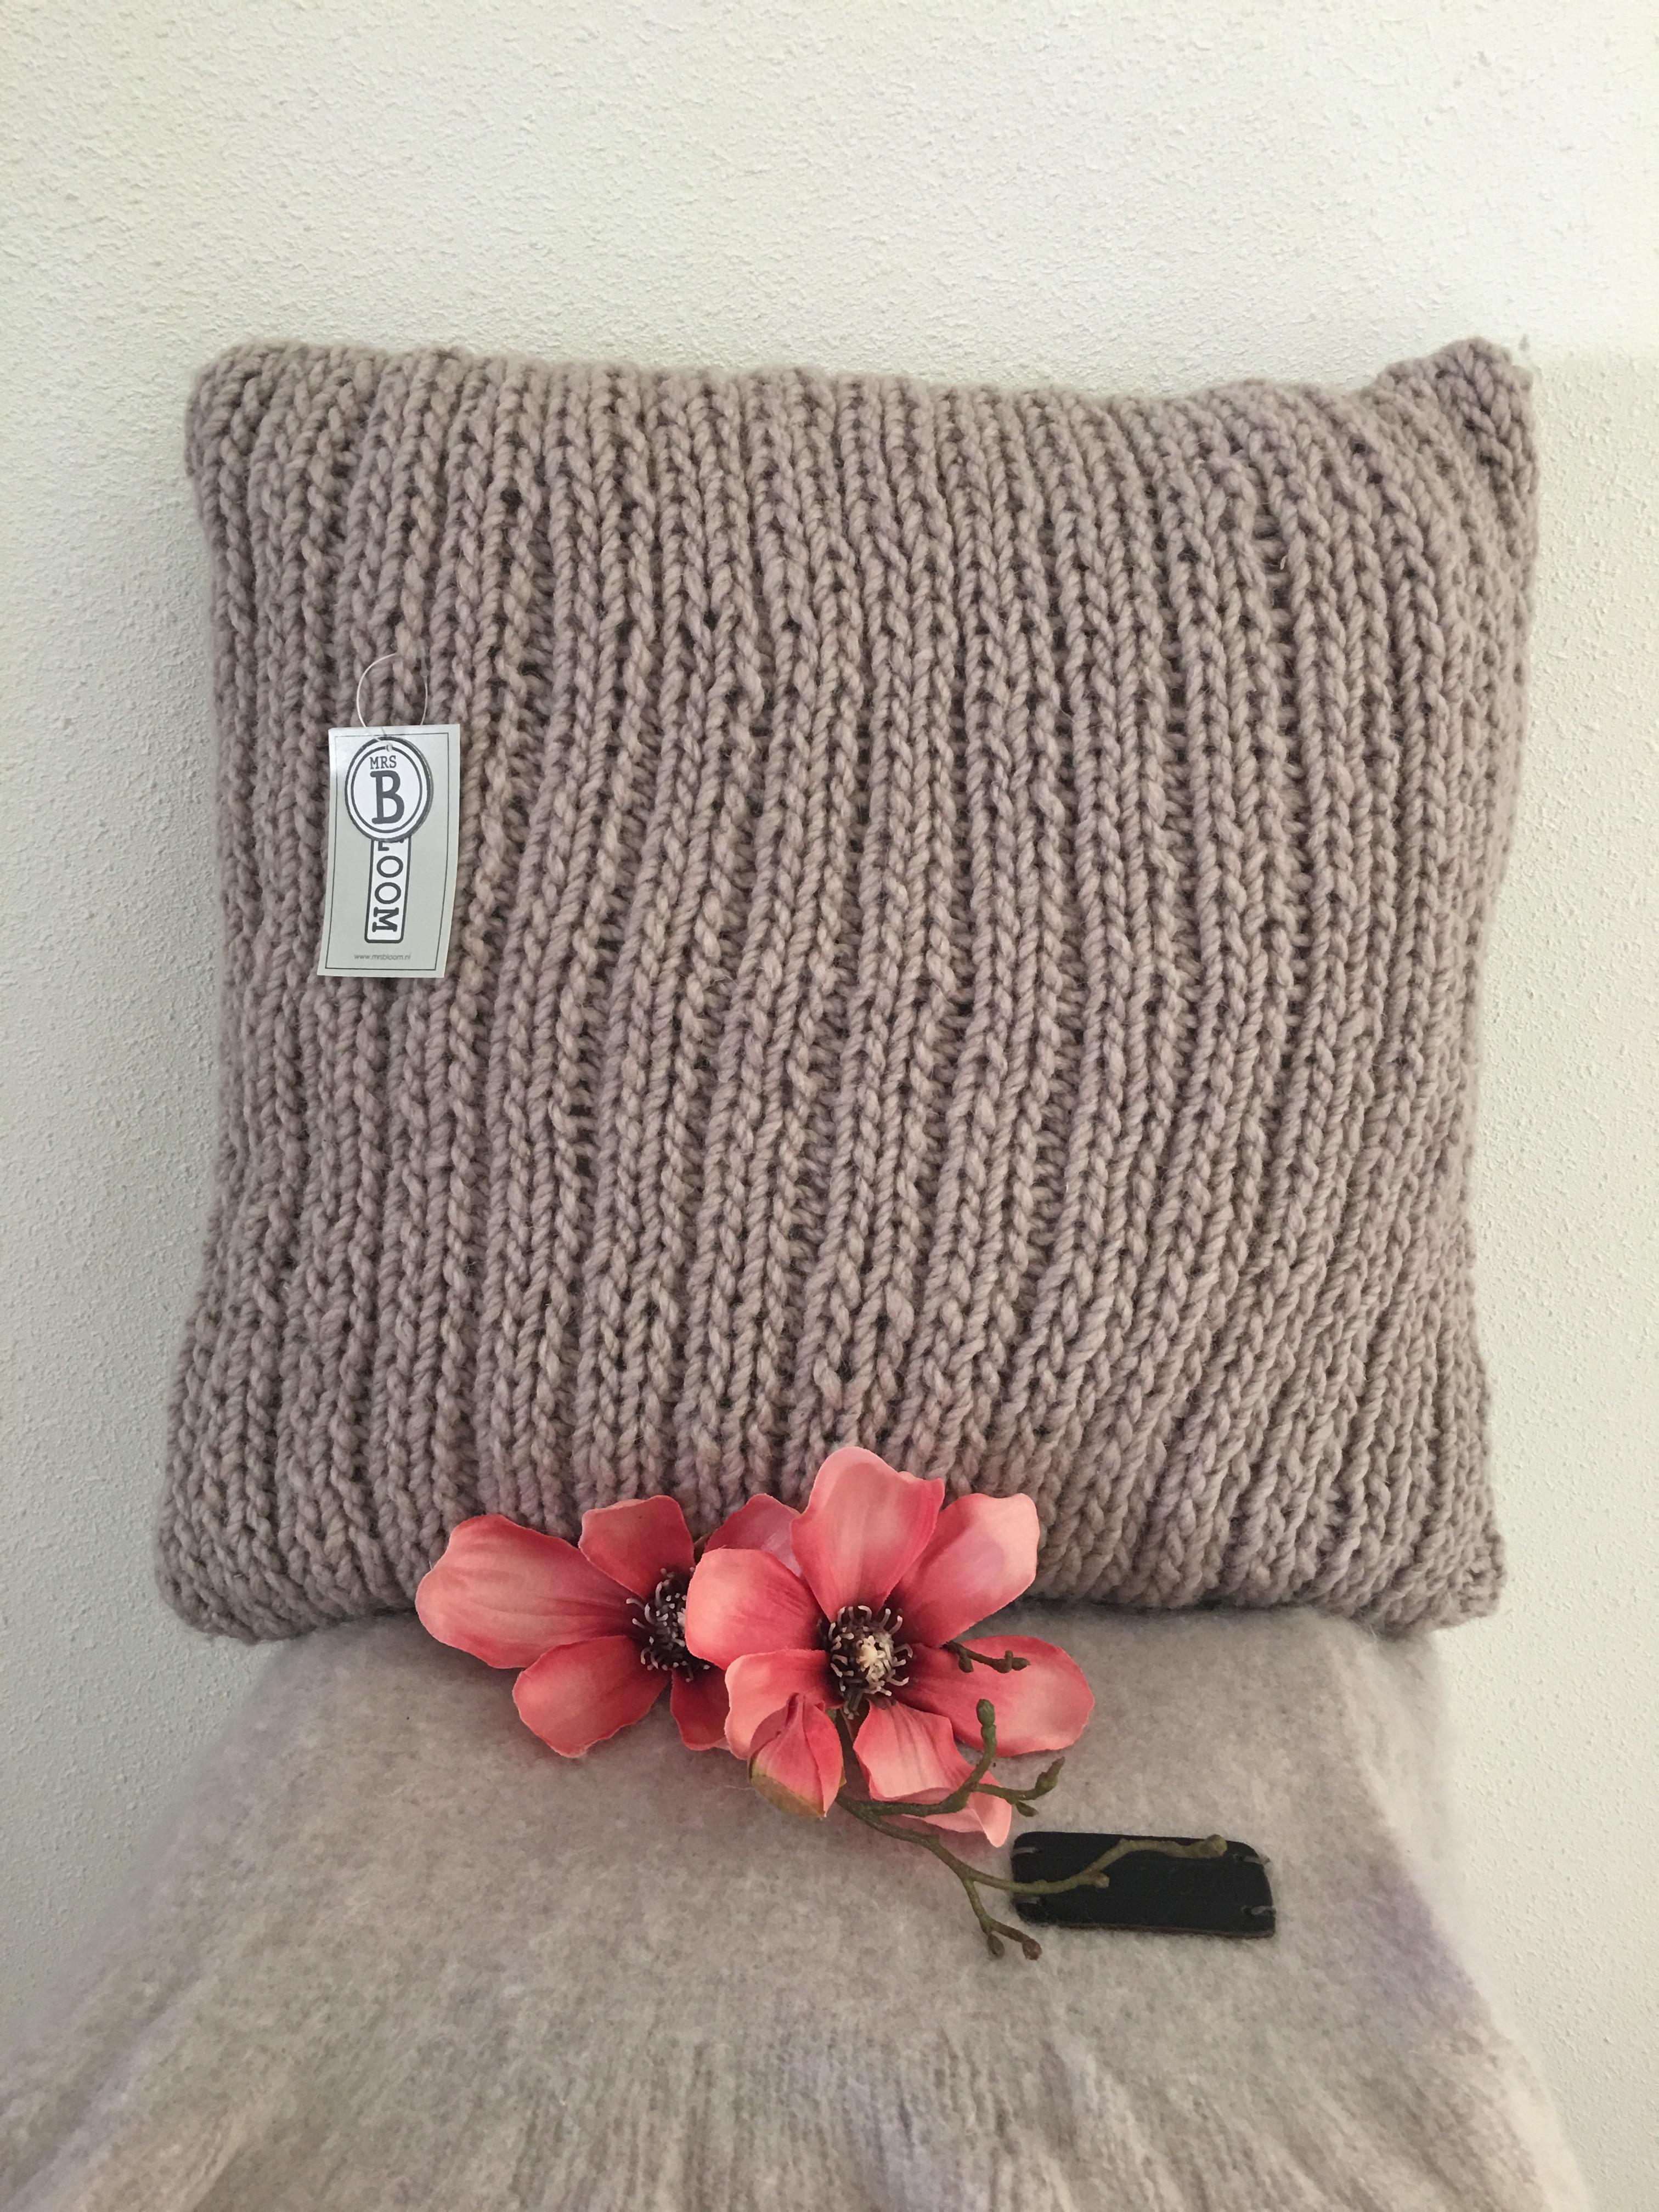 Mrs. Bloom sierkussen - Be Lifestyle u2502 home decoratie en fashion